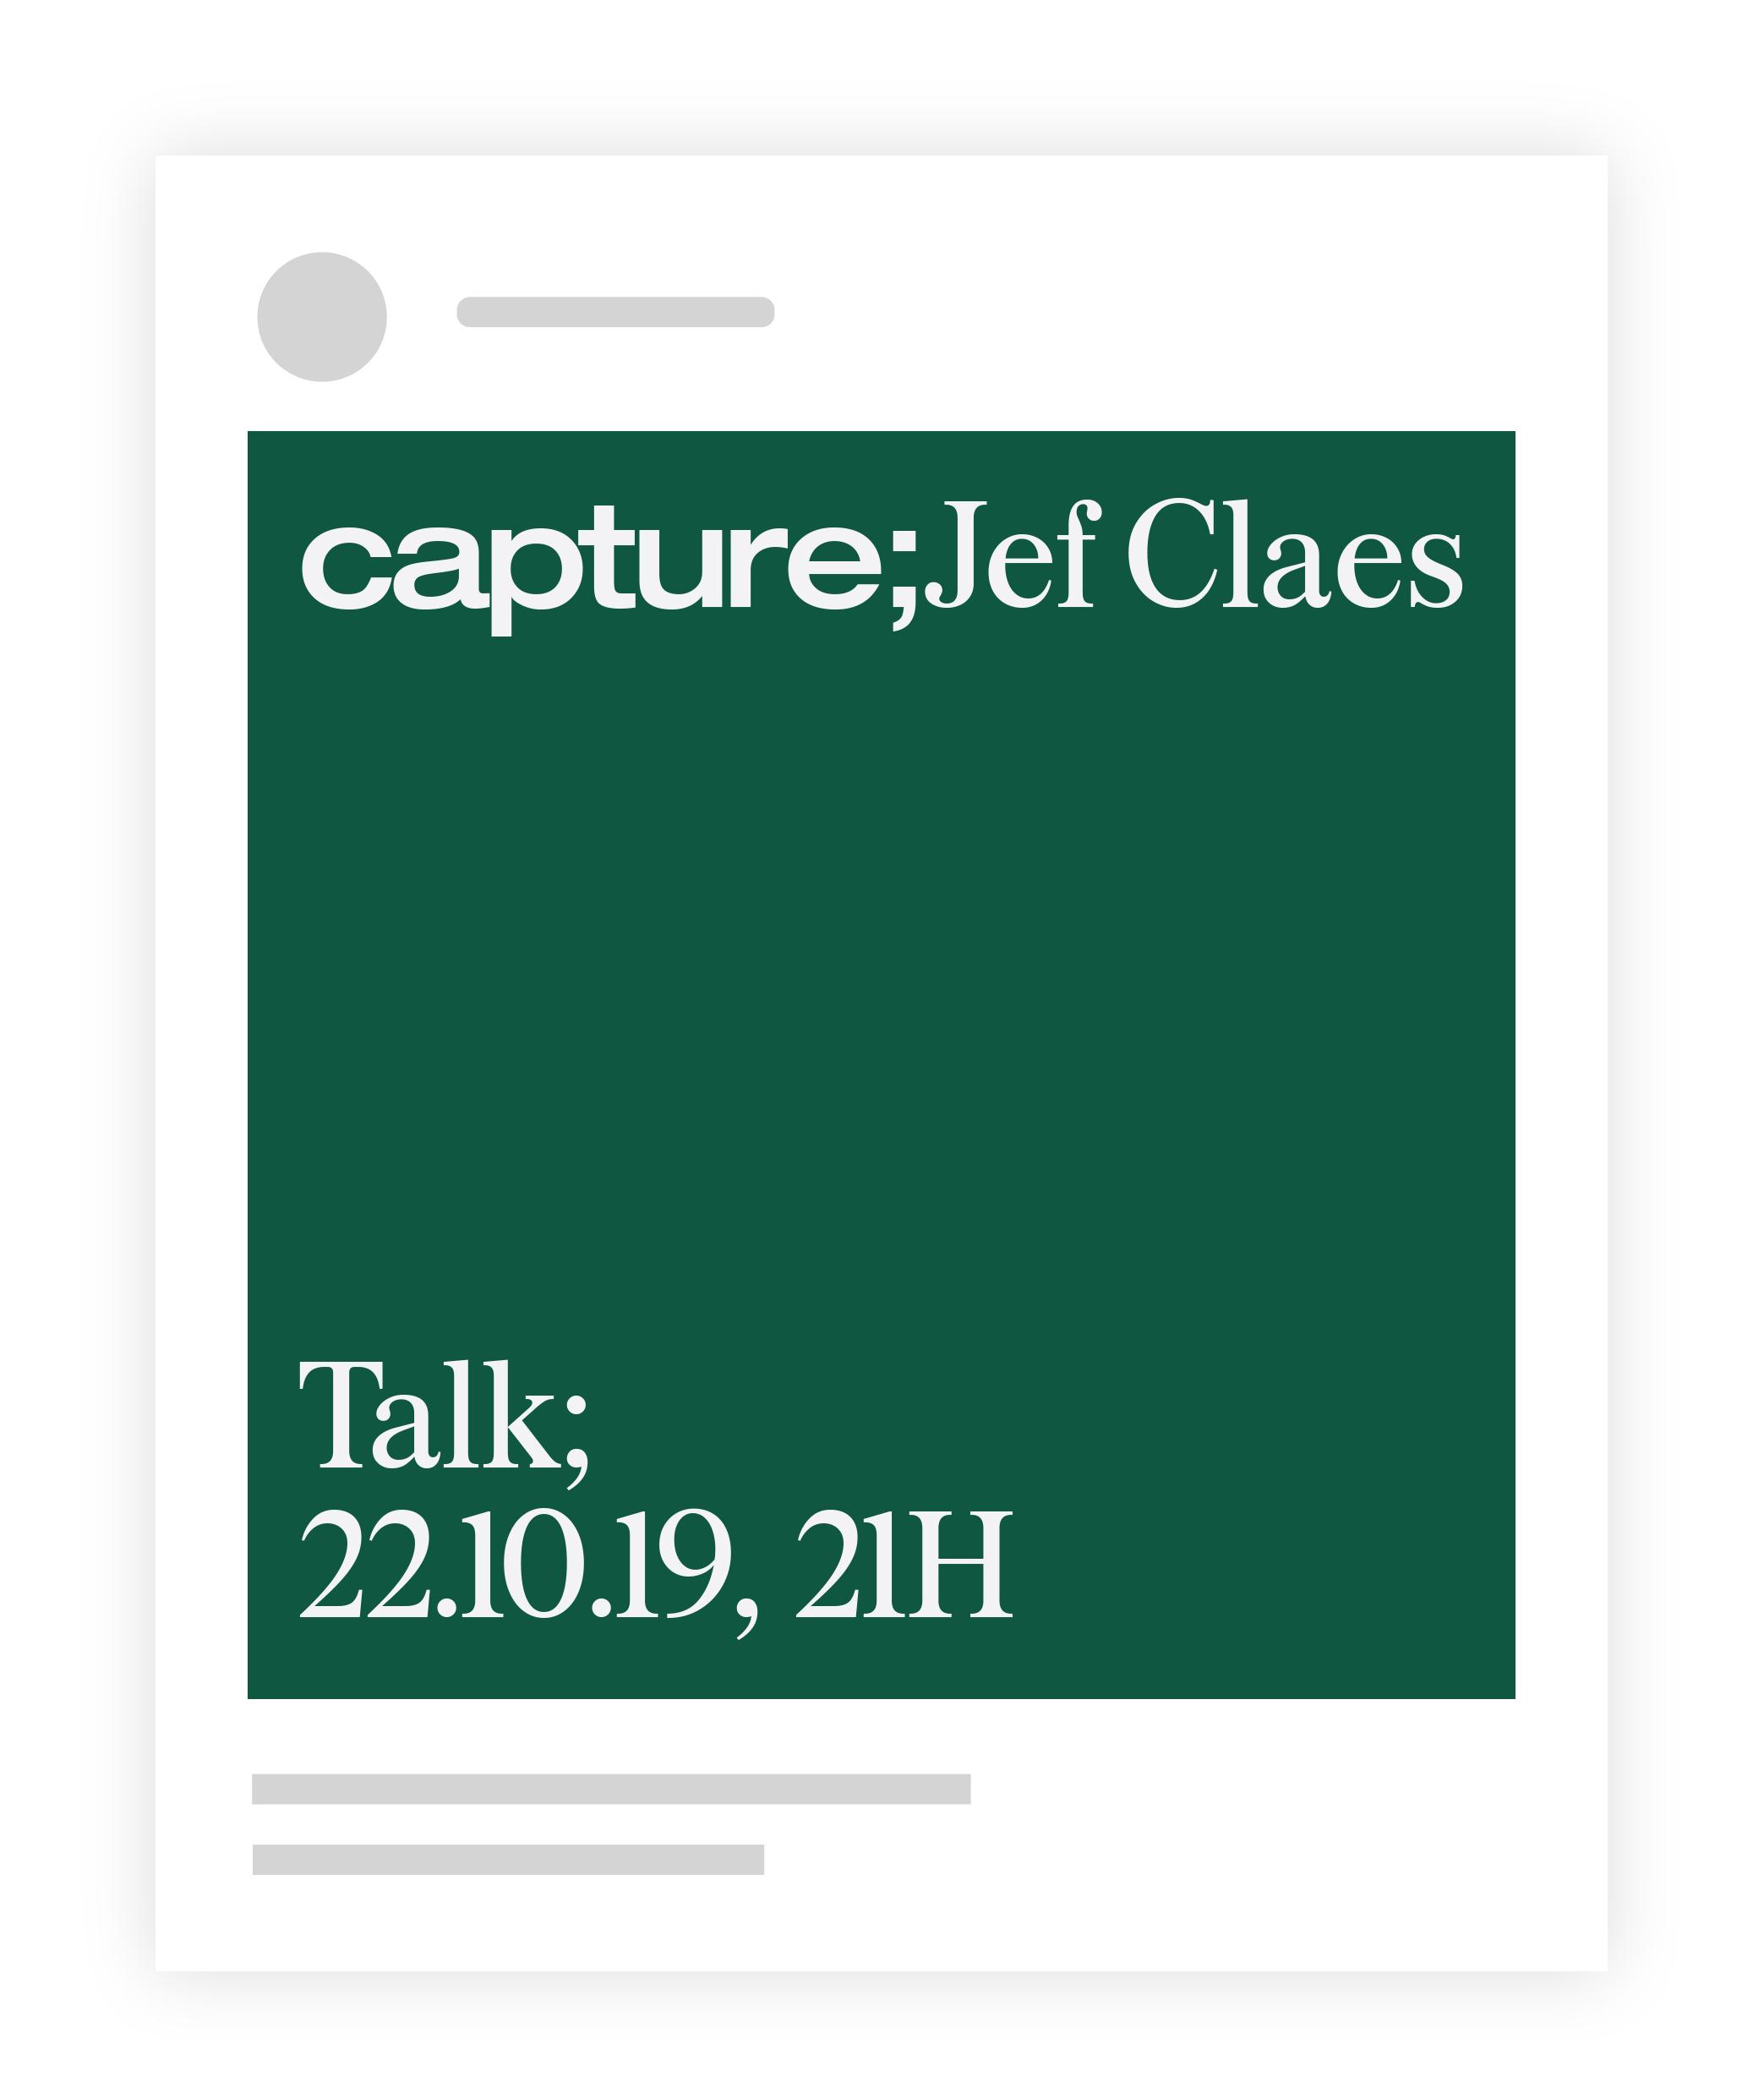 capture-insta-post-flat-mockup-3